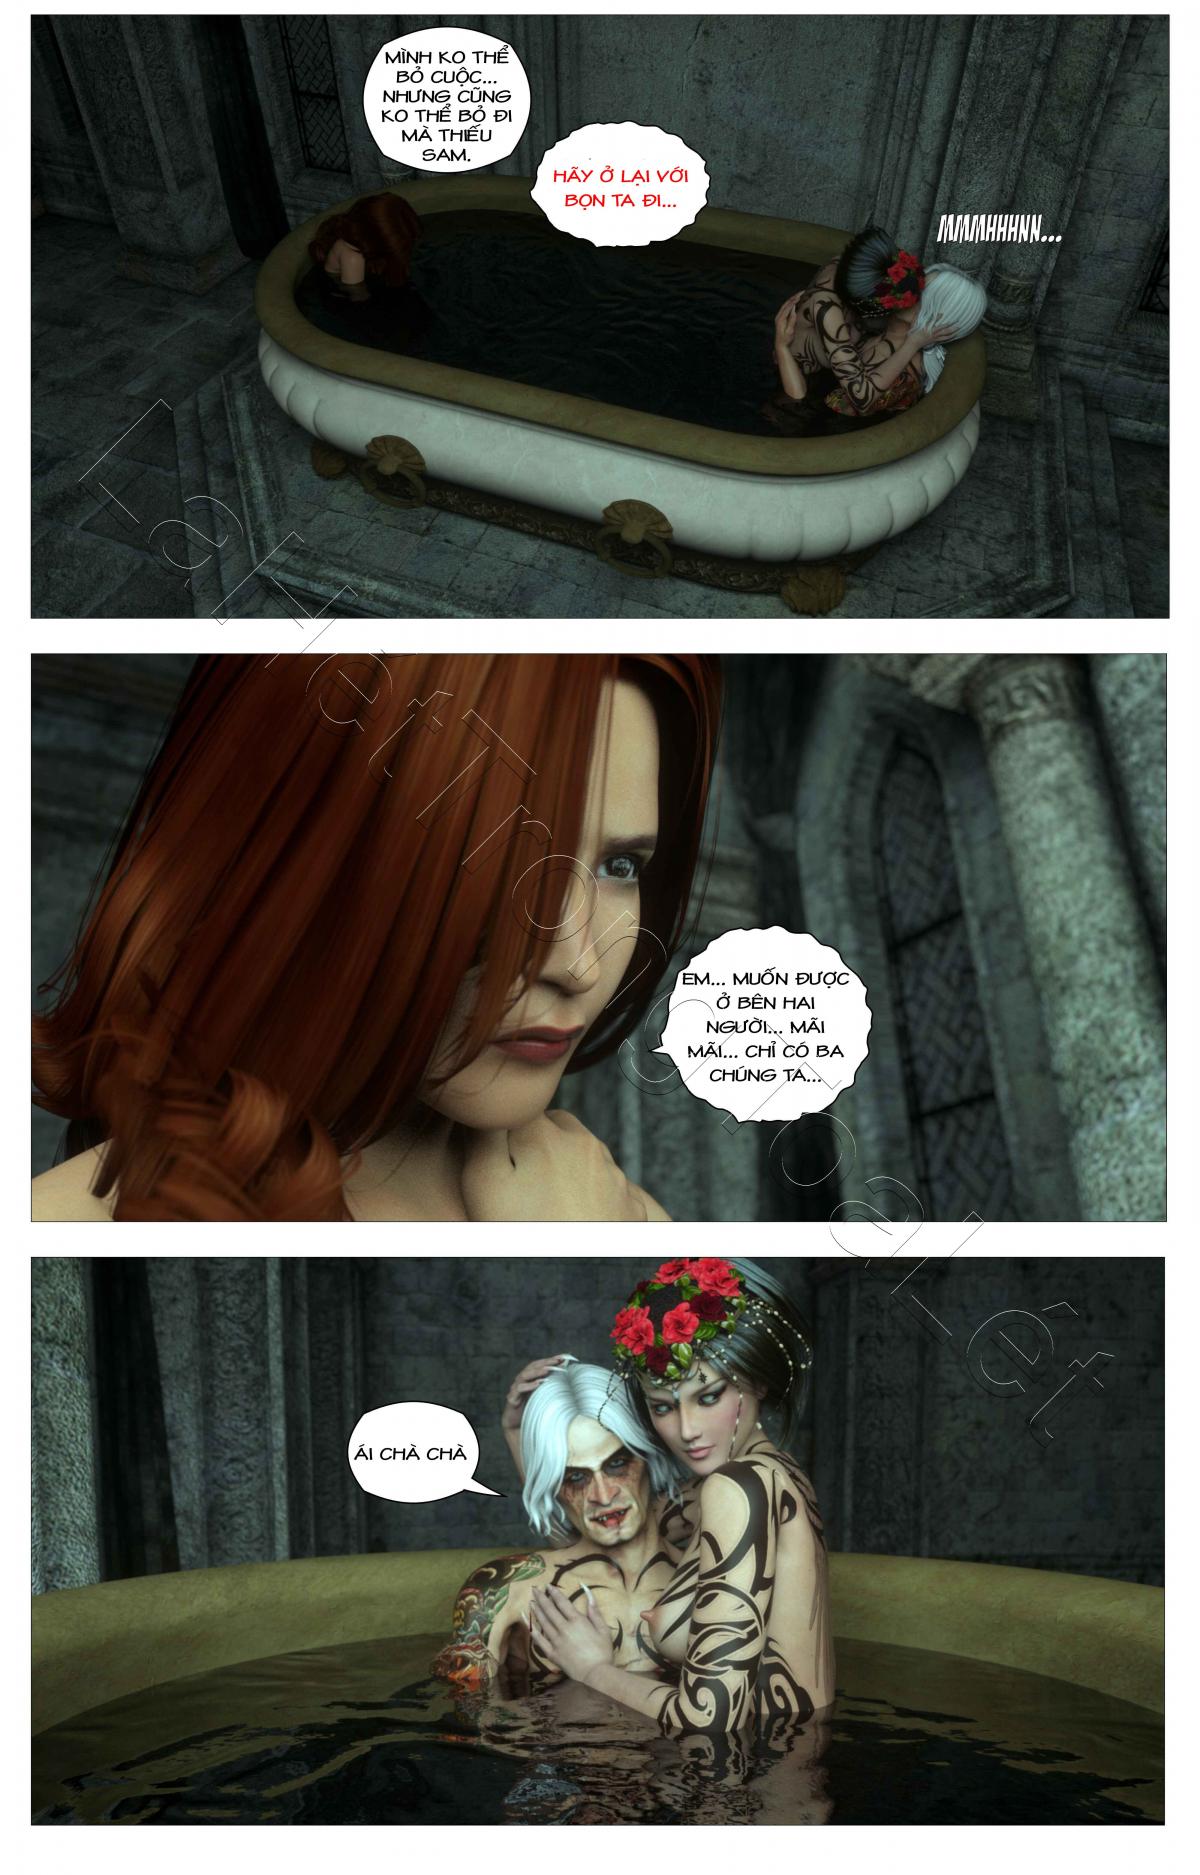 HentaiVN.net - Ảnh 7 - Tòa lâu đài bí ẩn: lời nguyền của Caritagua - Crypt Raider: Curse of Caritagua, Crypt Raider - Tập 5